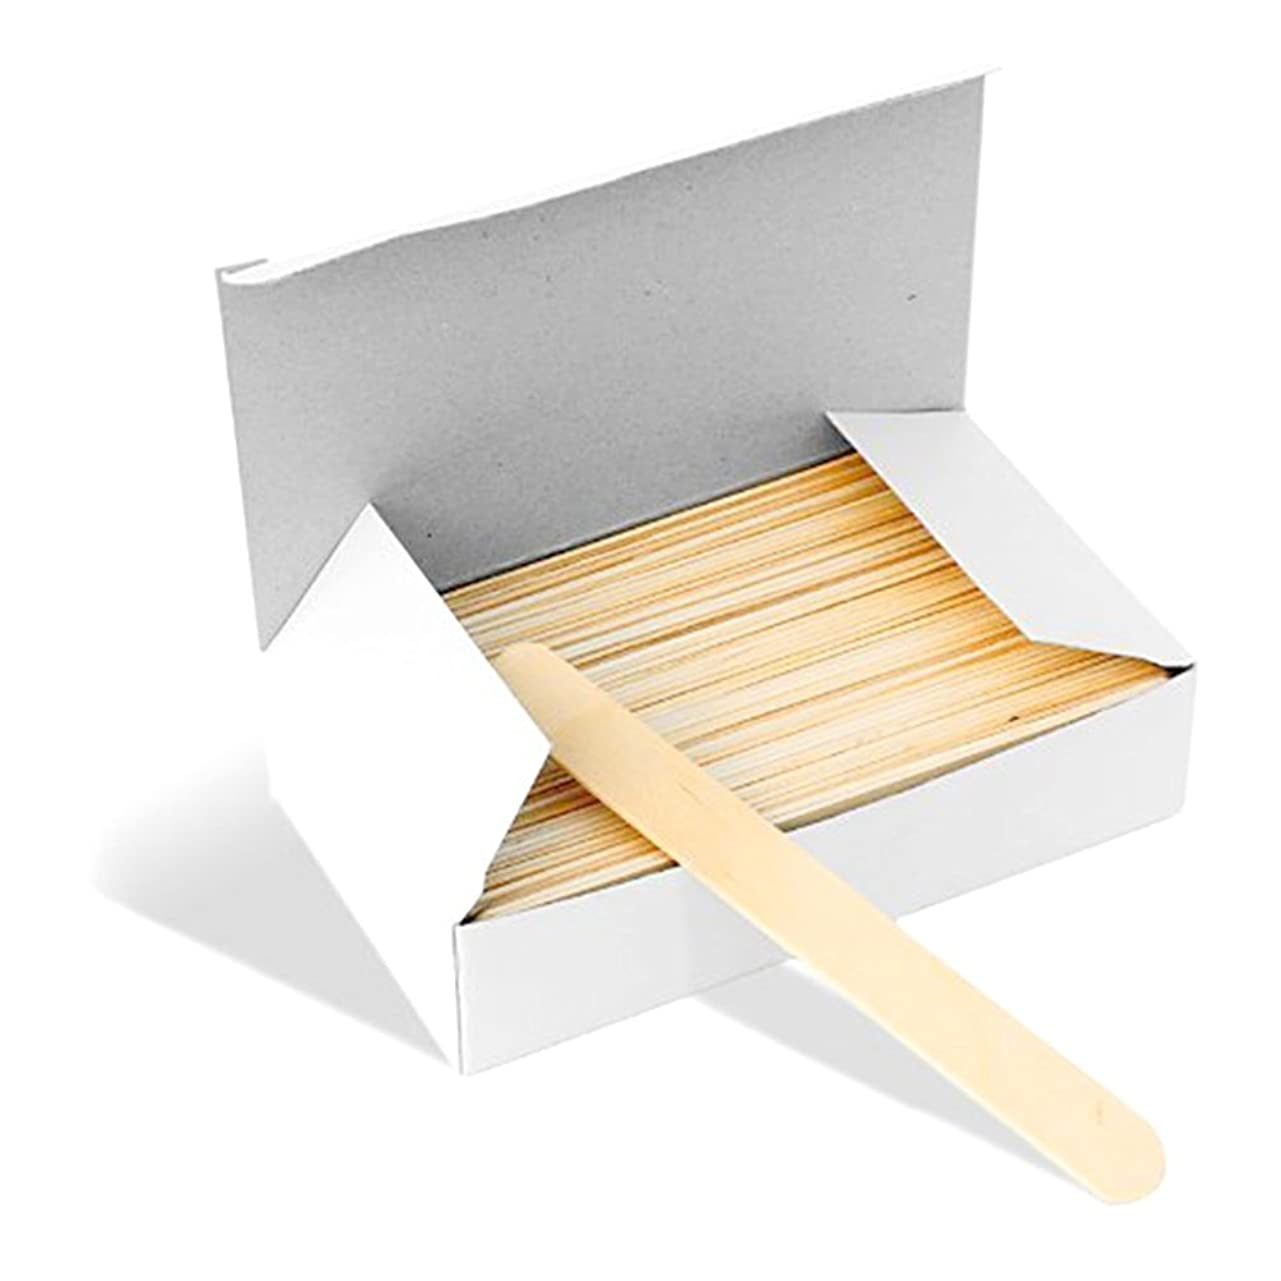 奇跡的な依存する聖書ROSENICE 舌圧子 使い捨て 舌圧迫器 ディスポーザブル 業務用木製 消毒済 100本入り